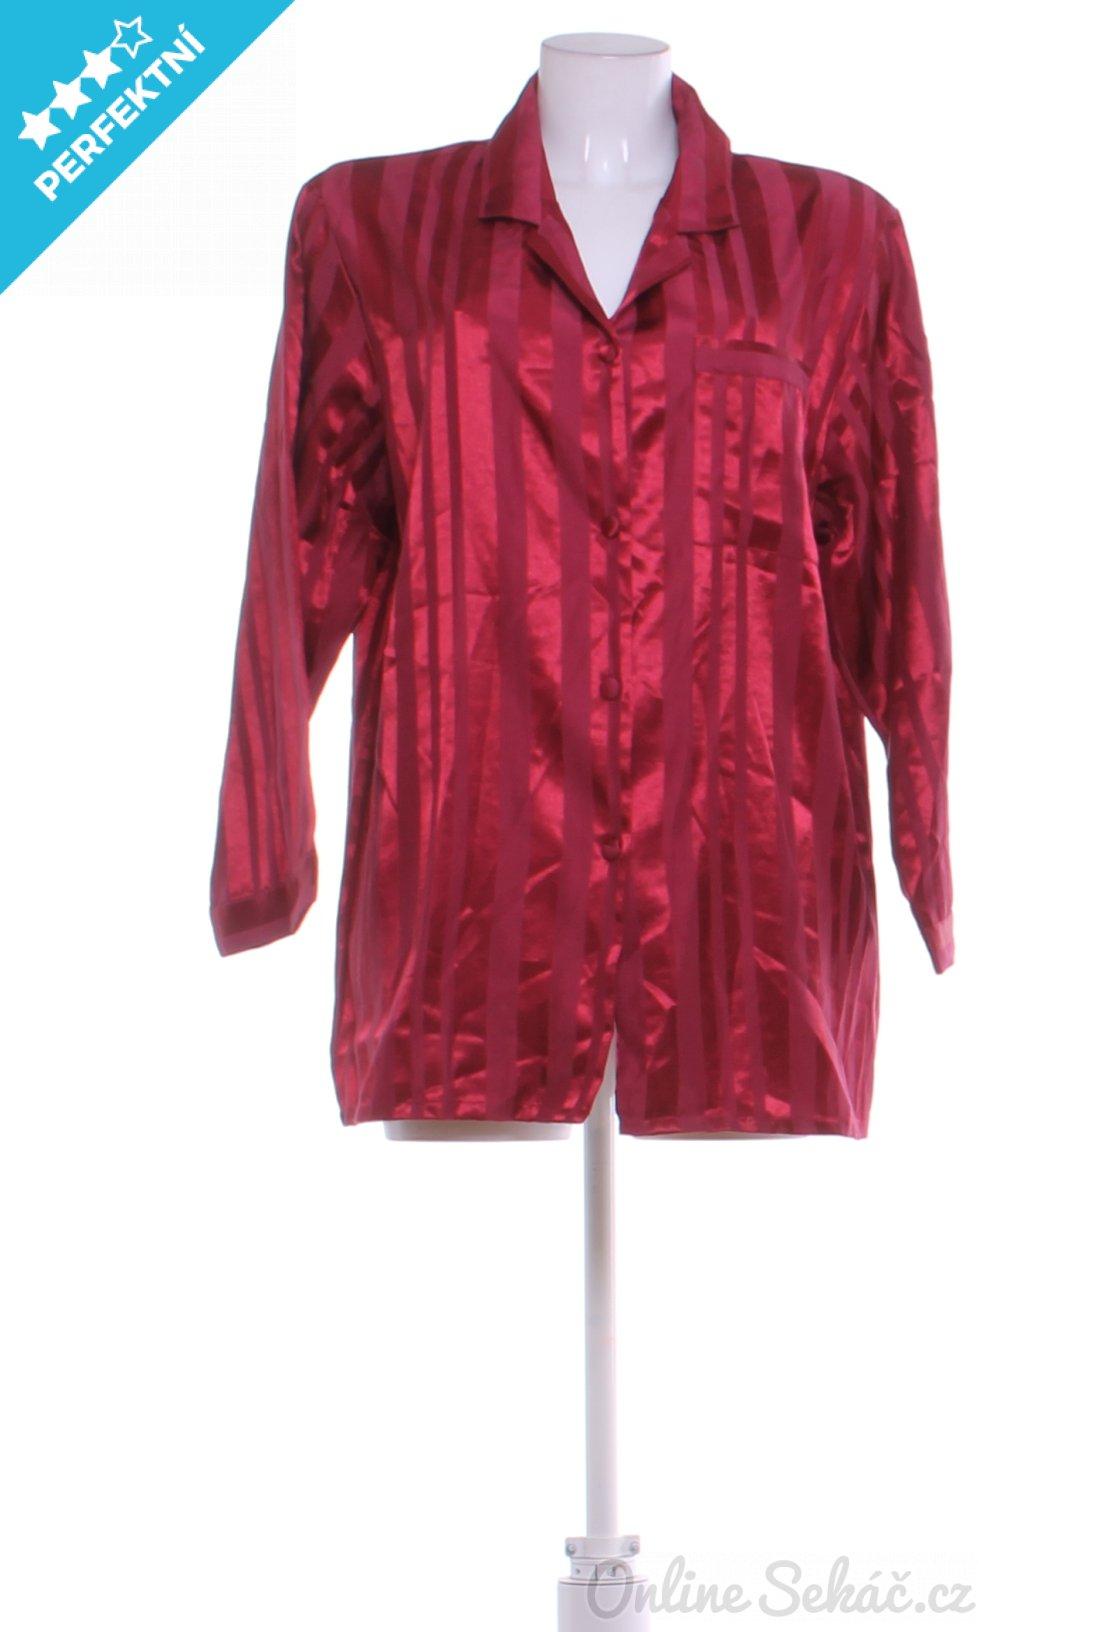 Second hand - Vzor  JEDNOBAREVNÝ   Dámský pyžamový kabátek 8b82b5abdd